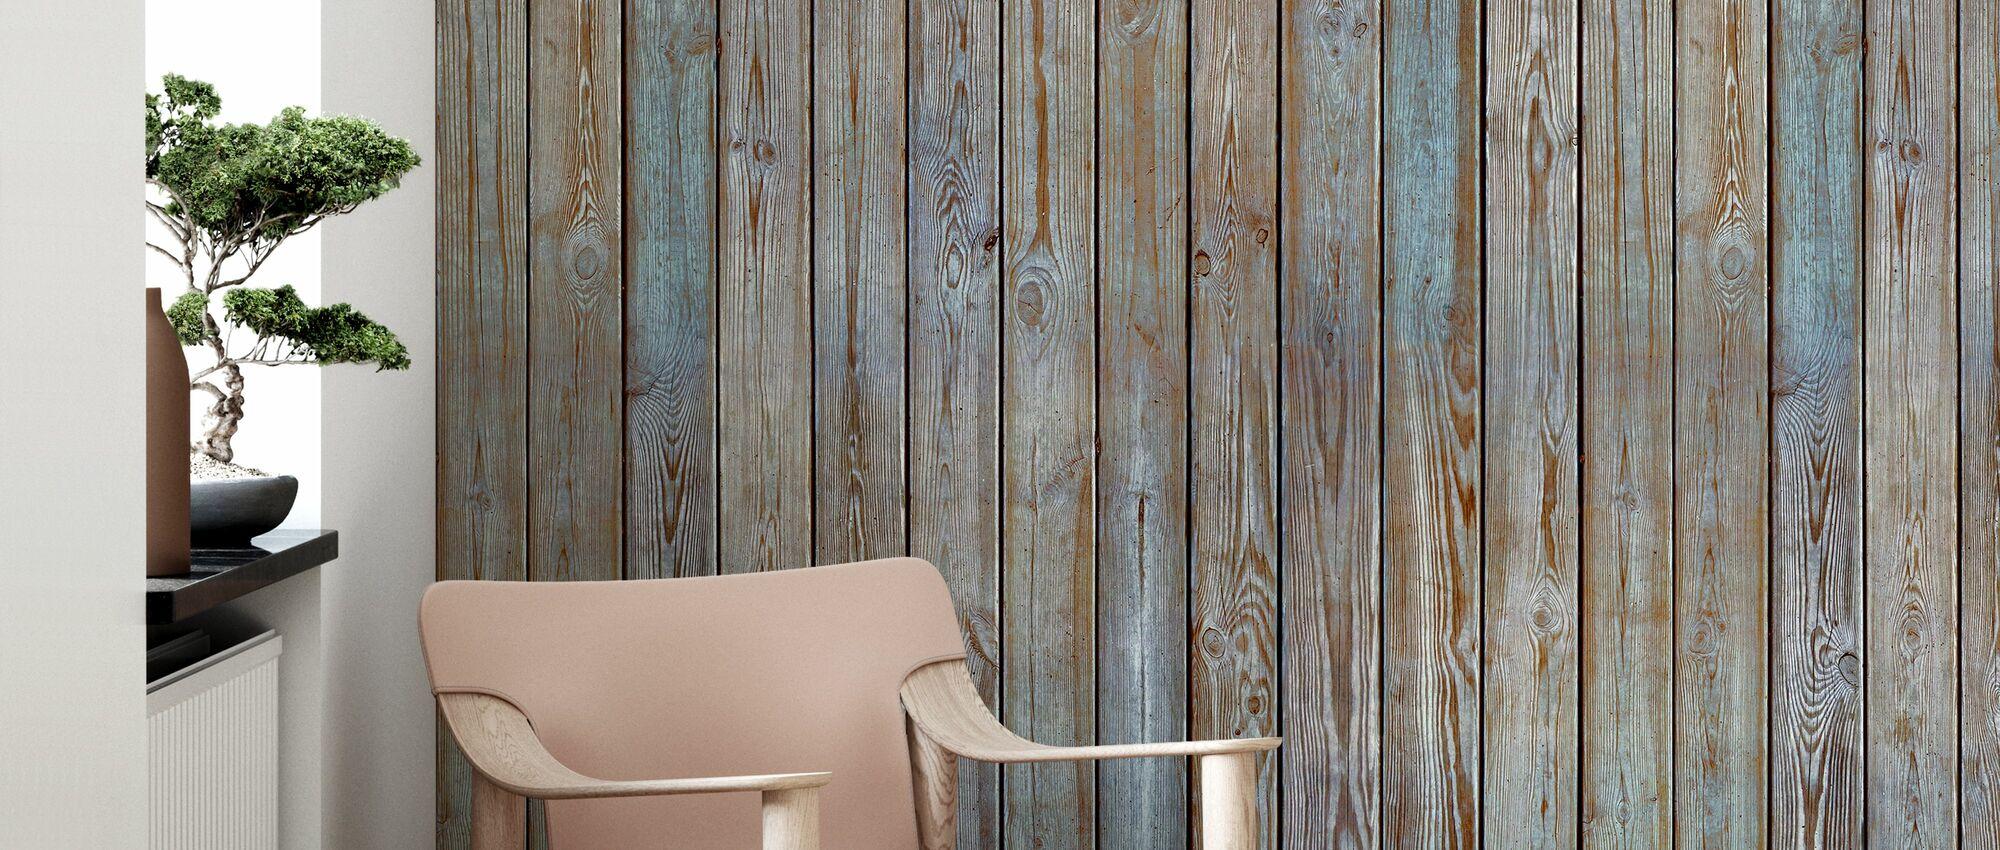 Holzplanke Wand - Altsilber - Tapete - Wohnzimmer